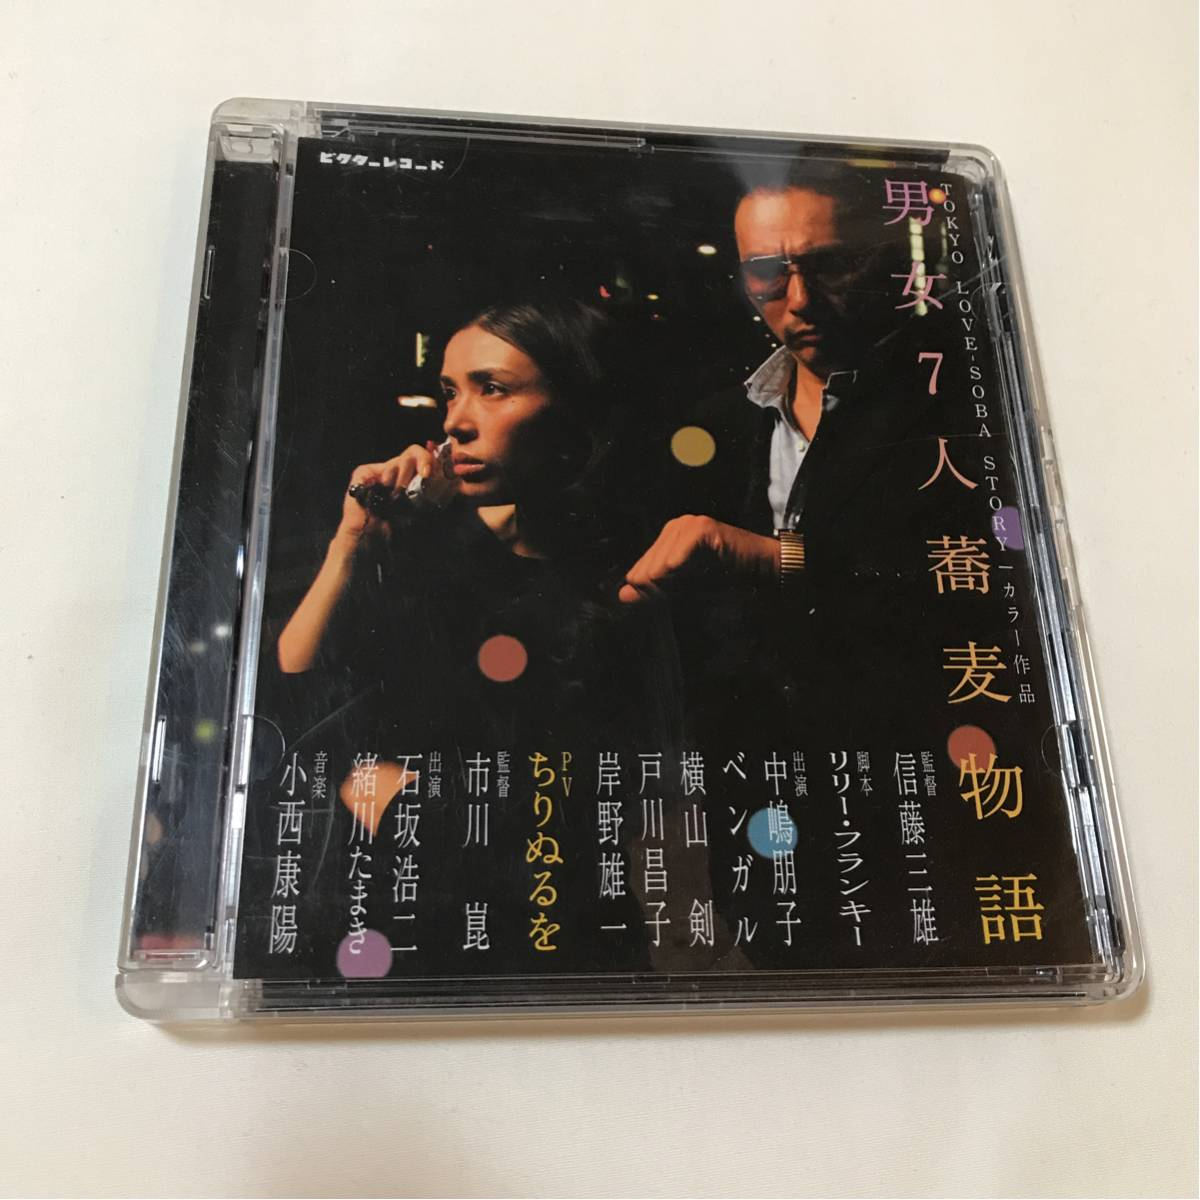 a1 ☆男女7人蕎麦物語☆ クレイジーケンバンド/横山剣 中島朋子 DVD ライブグッズの画像